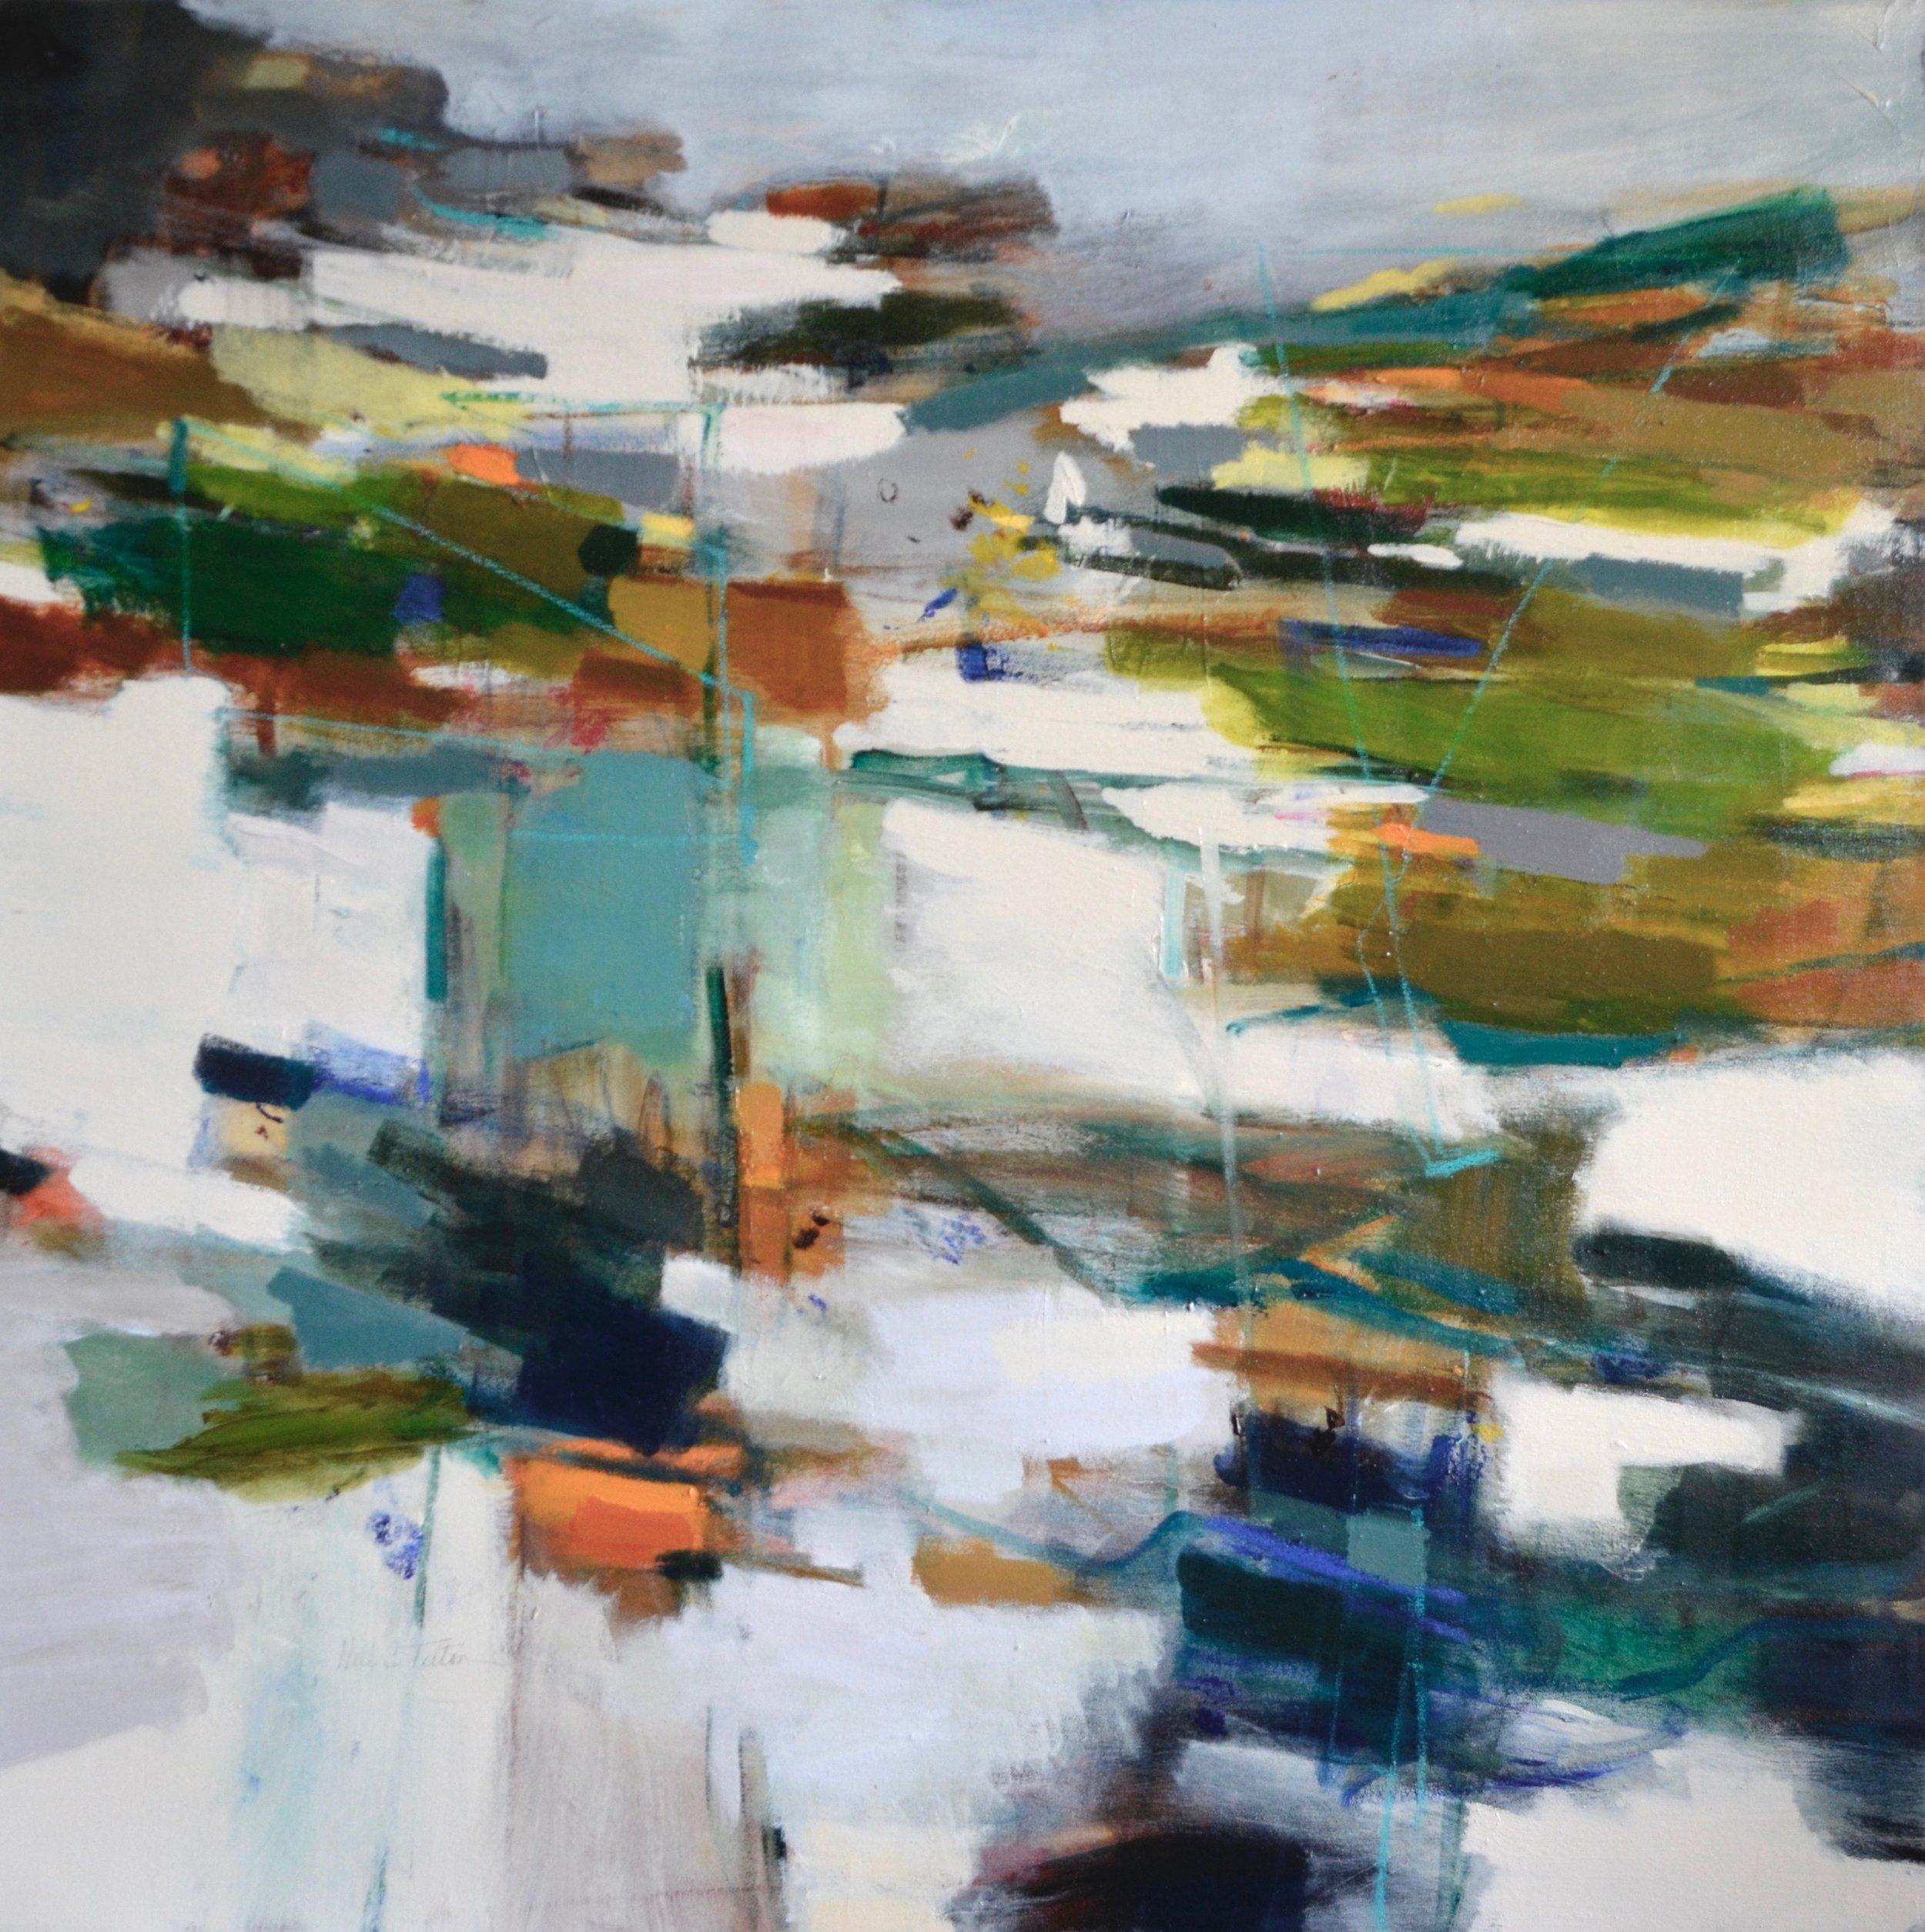 RHYTHMS OF THE LAND  36 x 36 Acrylic/Mixed Media on Canvas